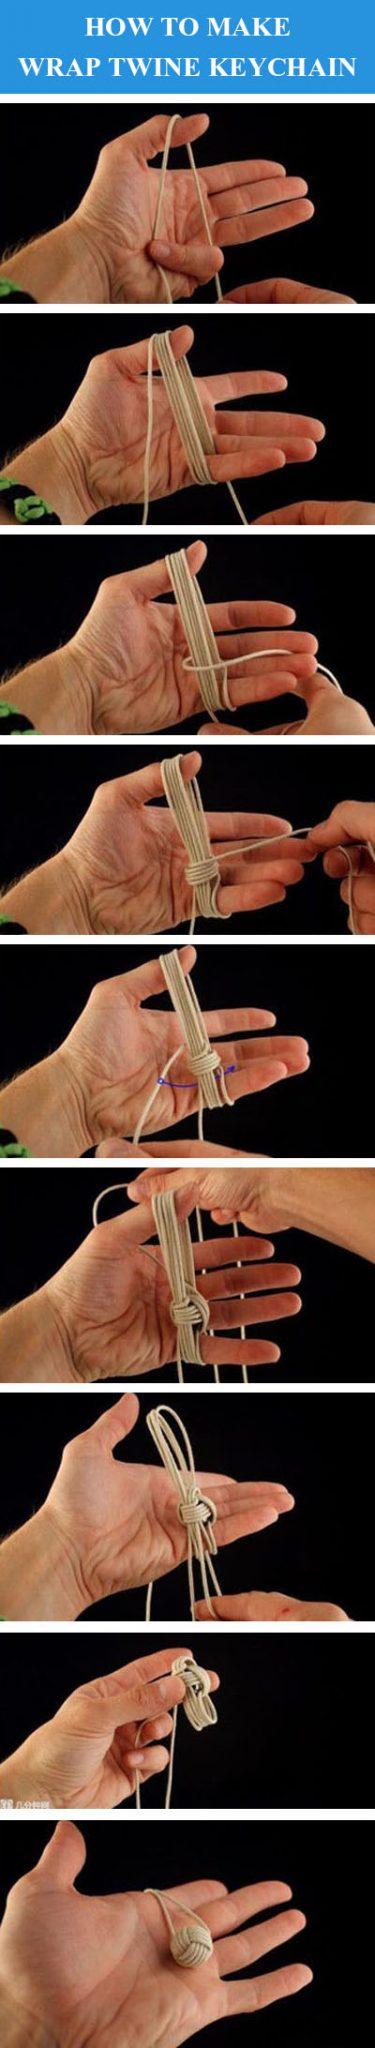 DIY Wrap Twine Keychain